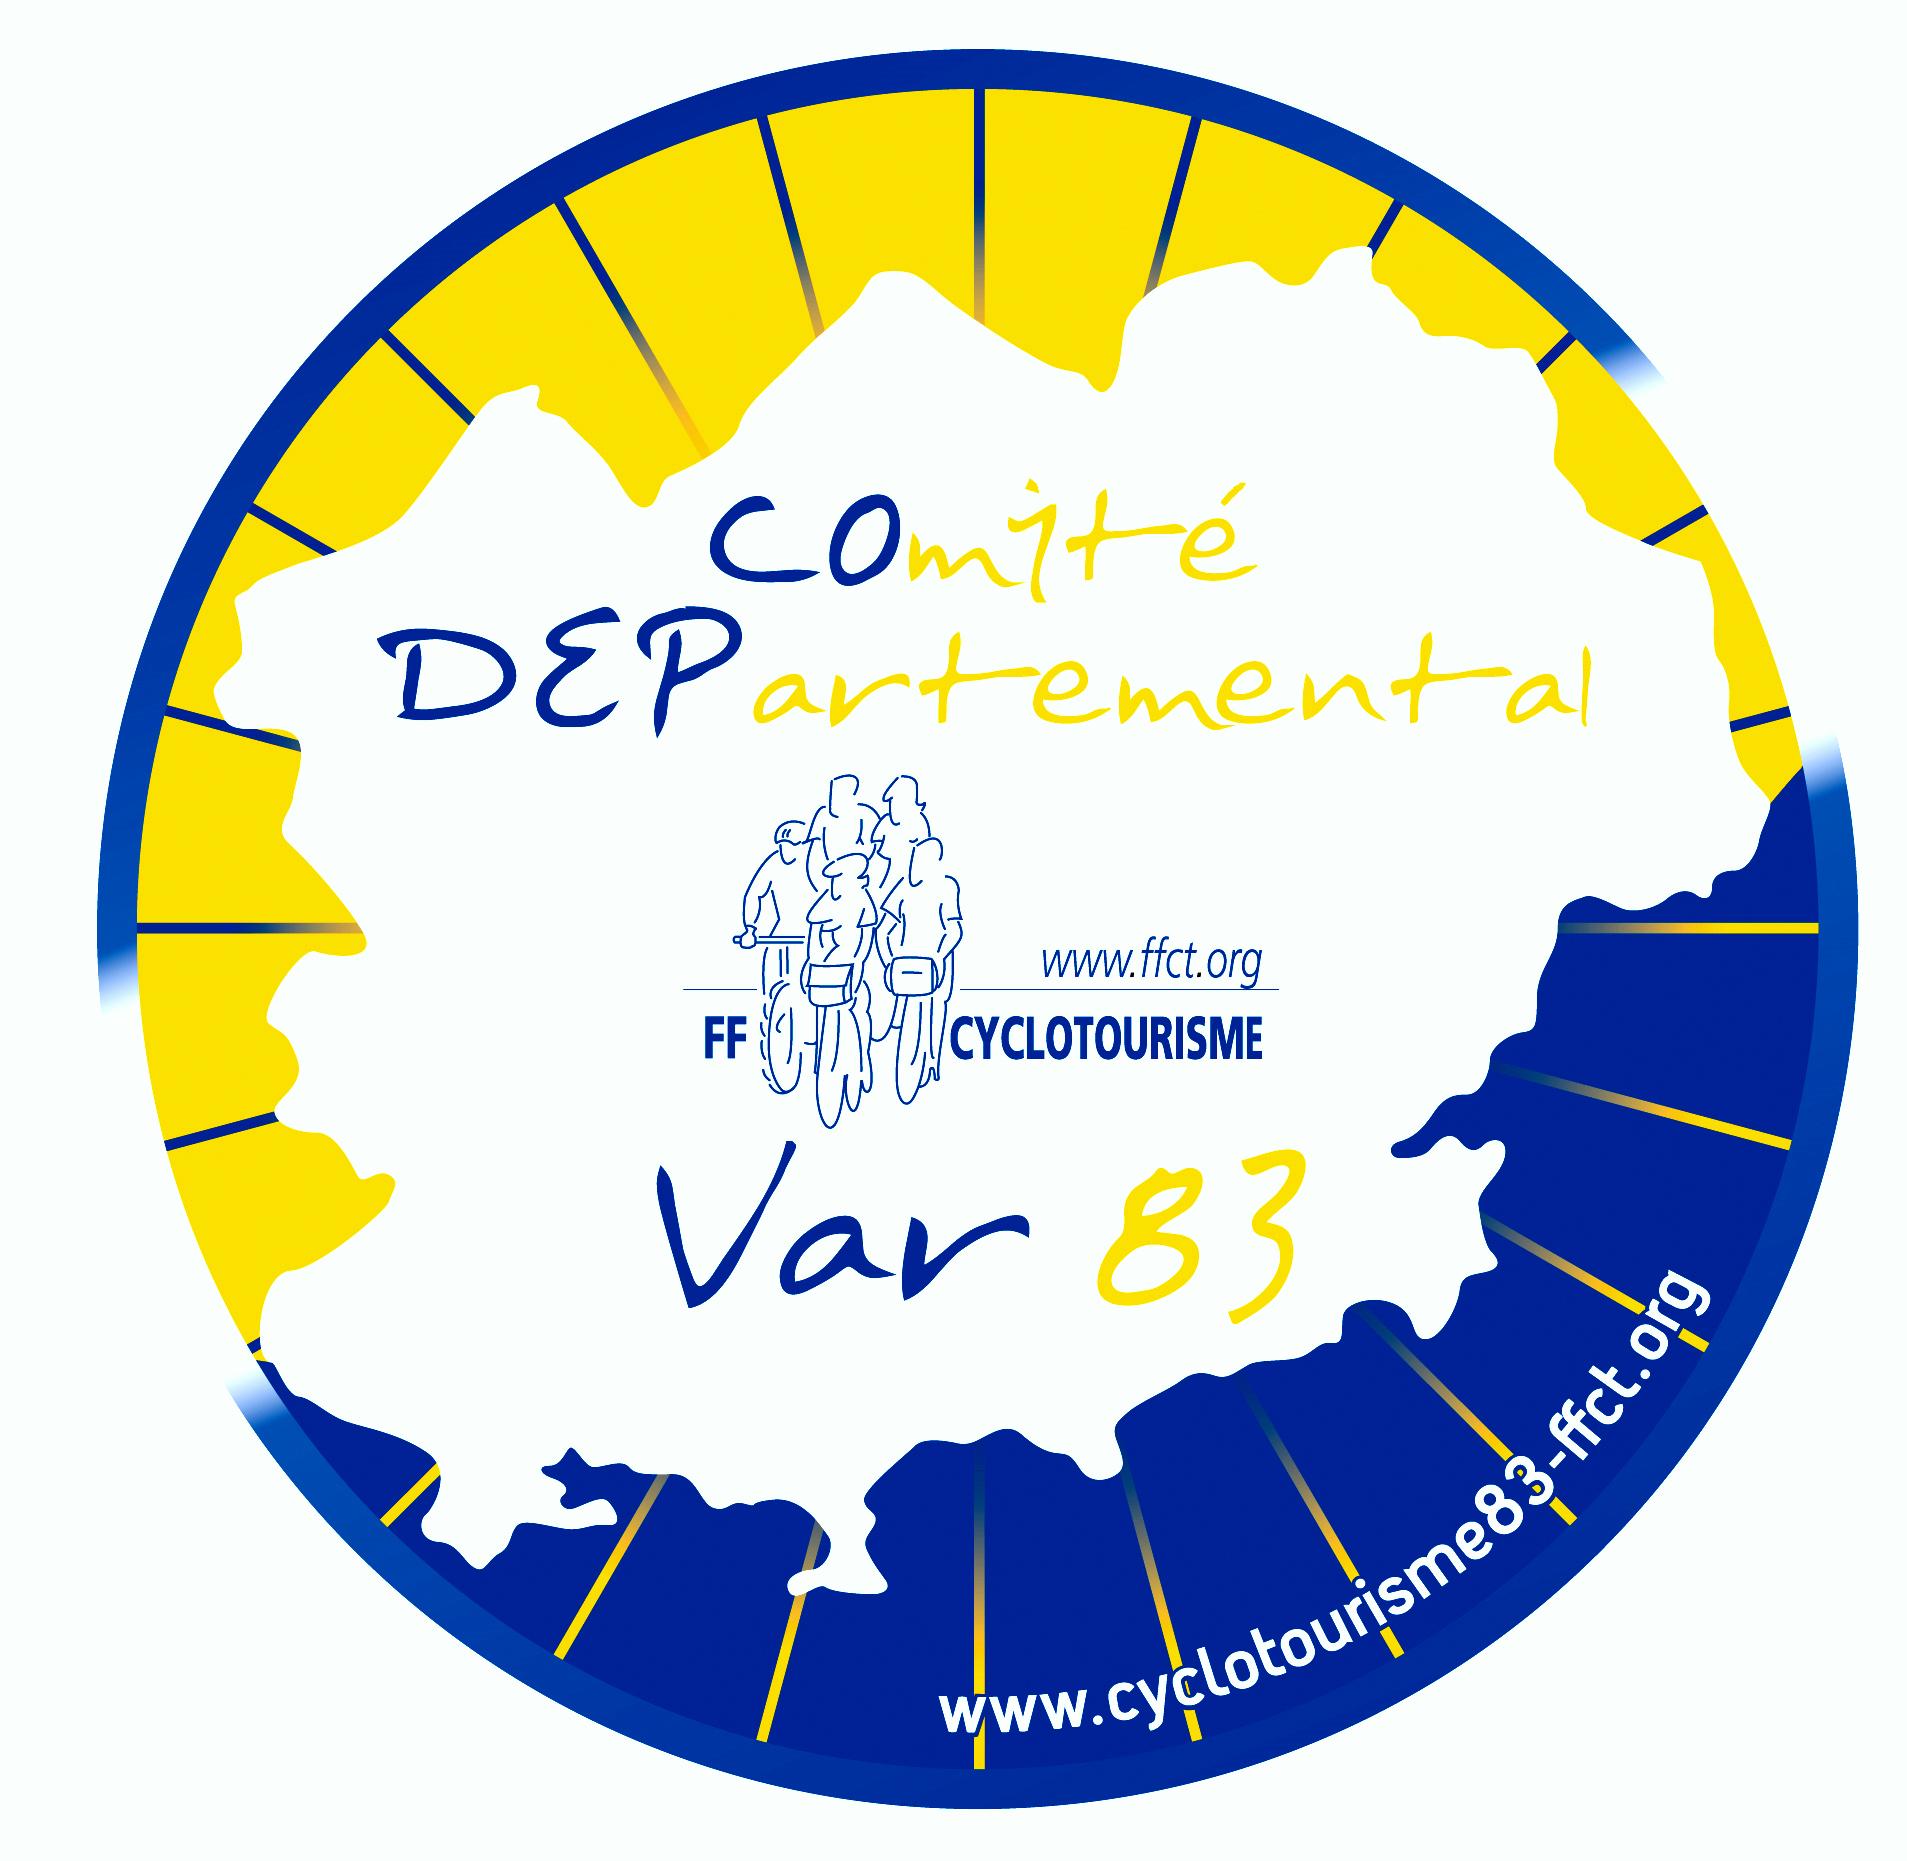 Comité Départementale de Cyclotourisme du Var